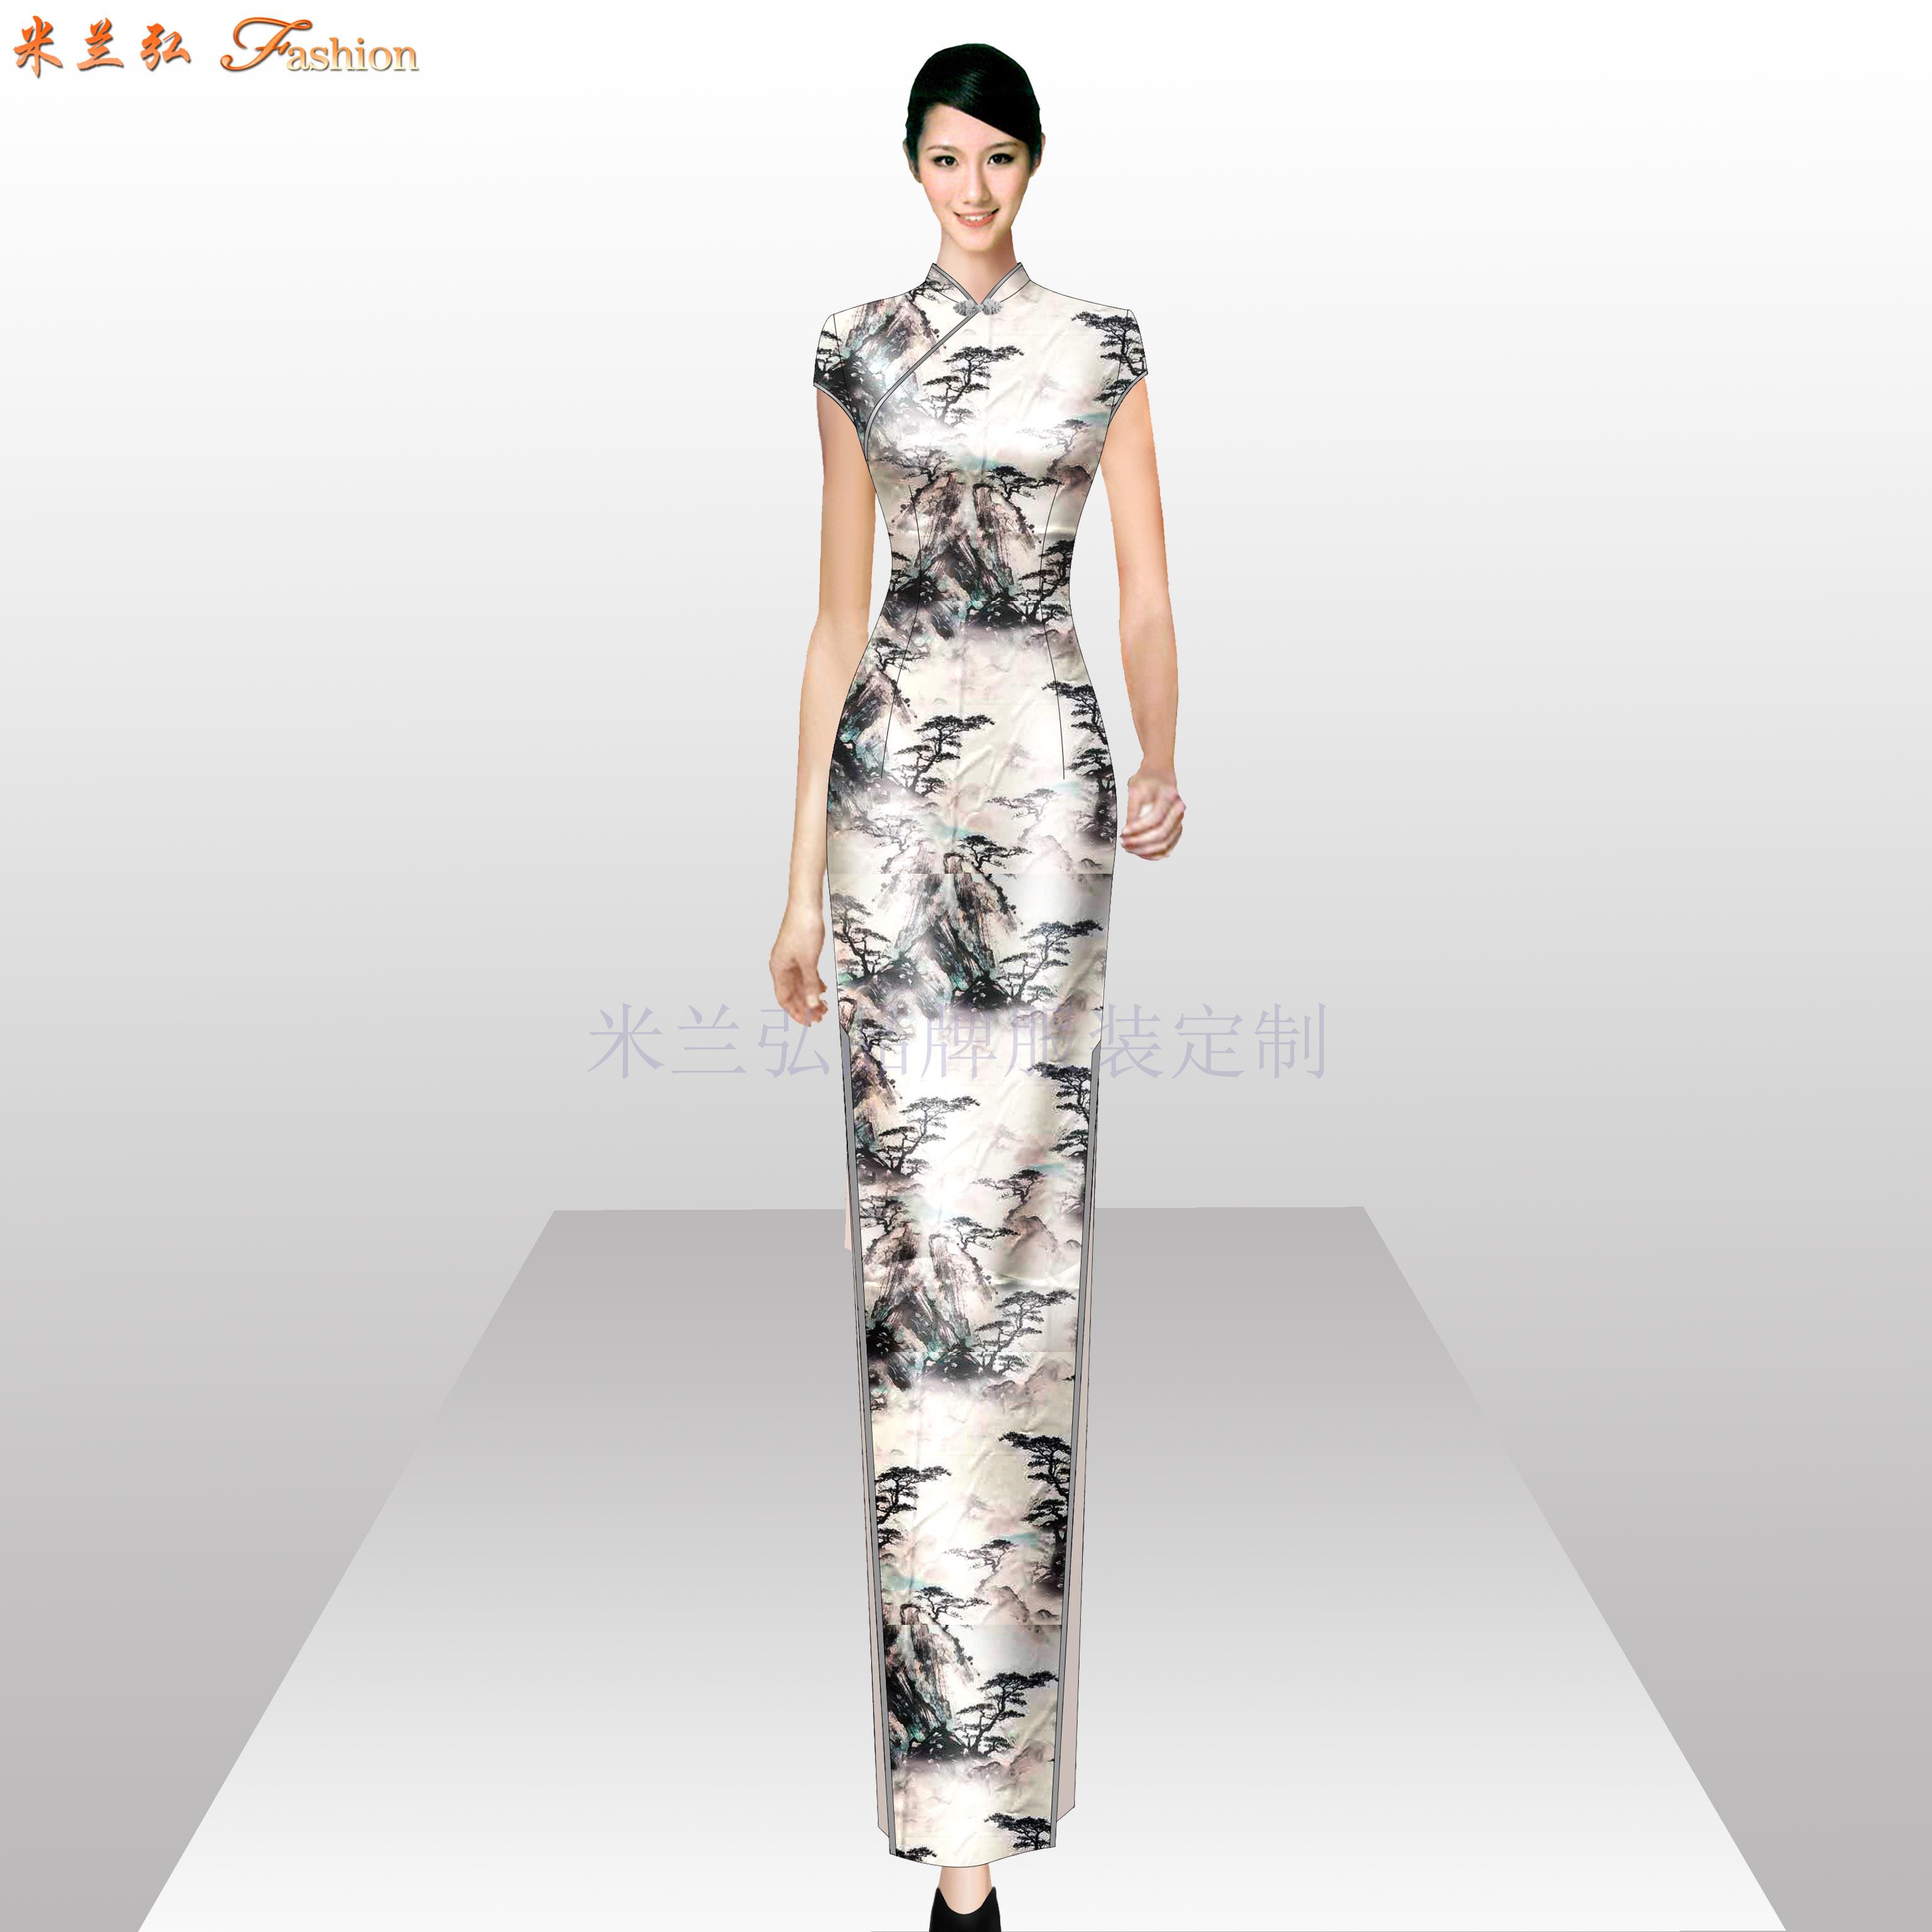 「旗袍高端定制」「旗袍高級訂制」-米蘭弘品牌服裝-1